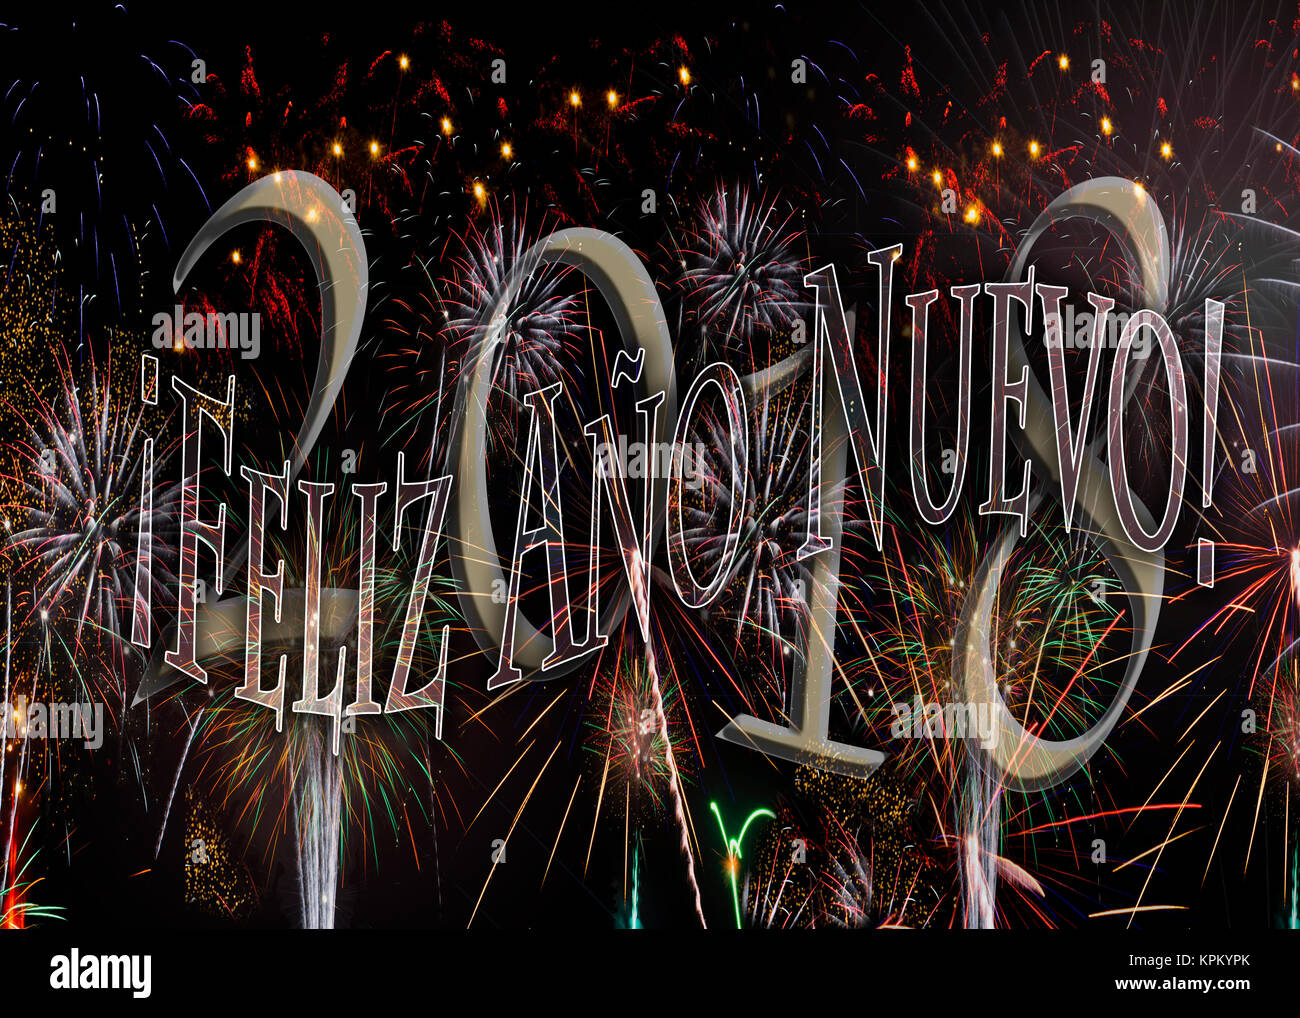 ¡Feliz Año Nuevo! Fuegos Artificiales 2018 Feliz Año Nuevo en español. Nuevo concepto de años Imagen De Stock